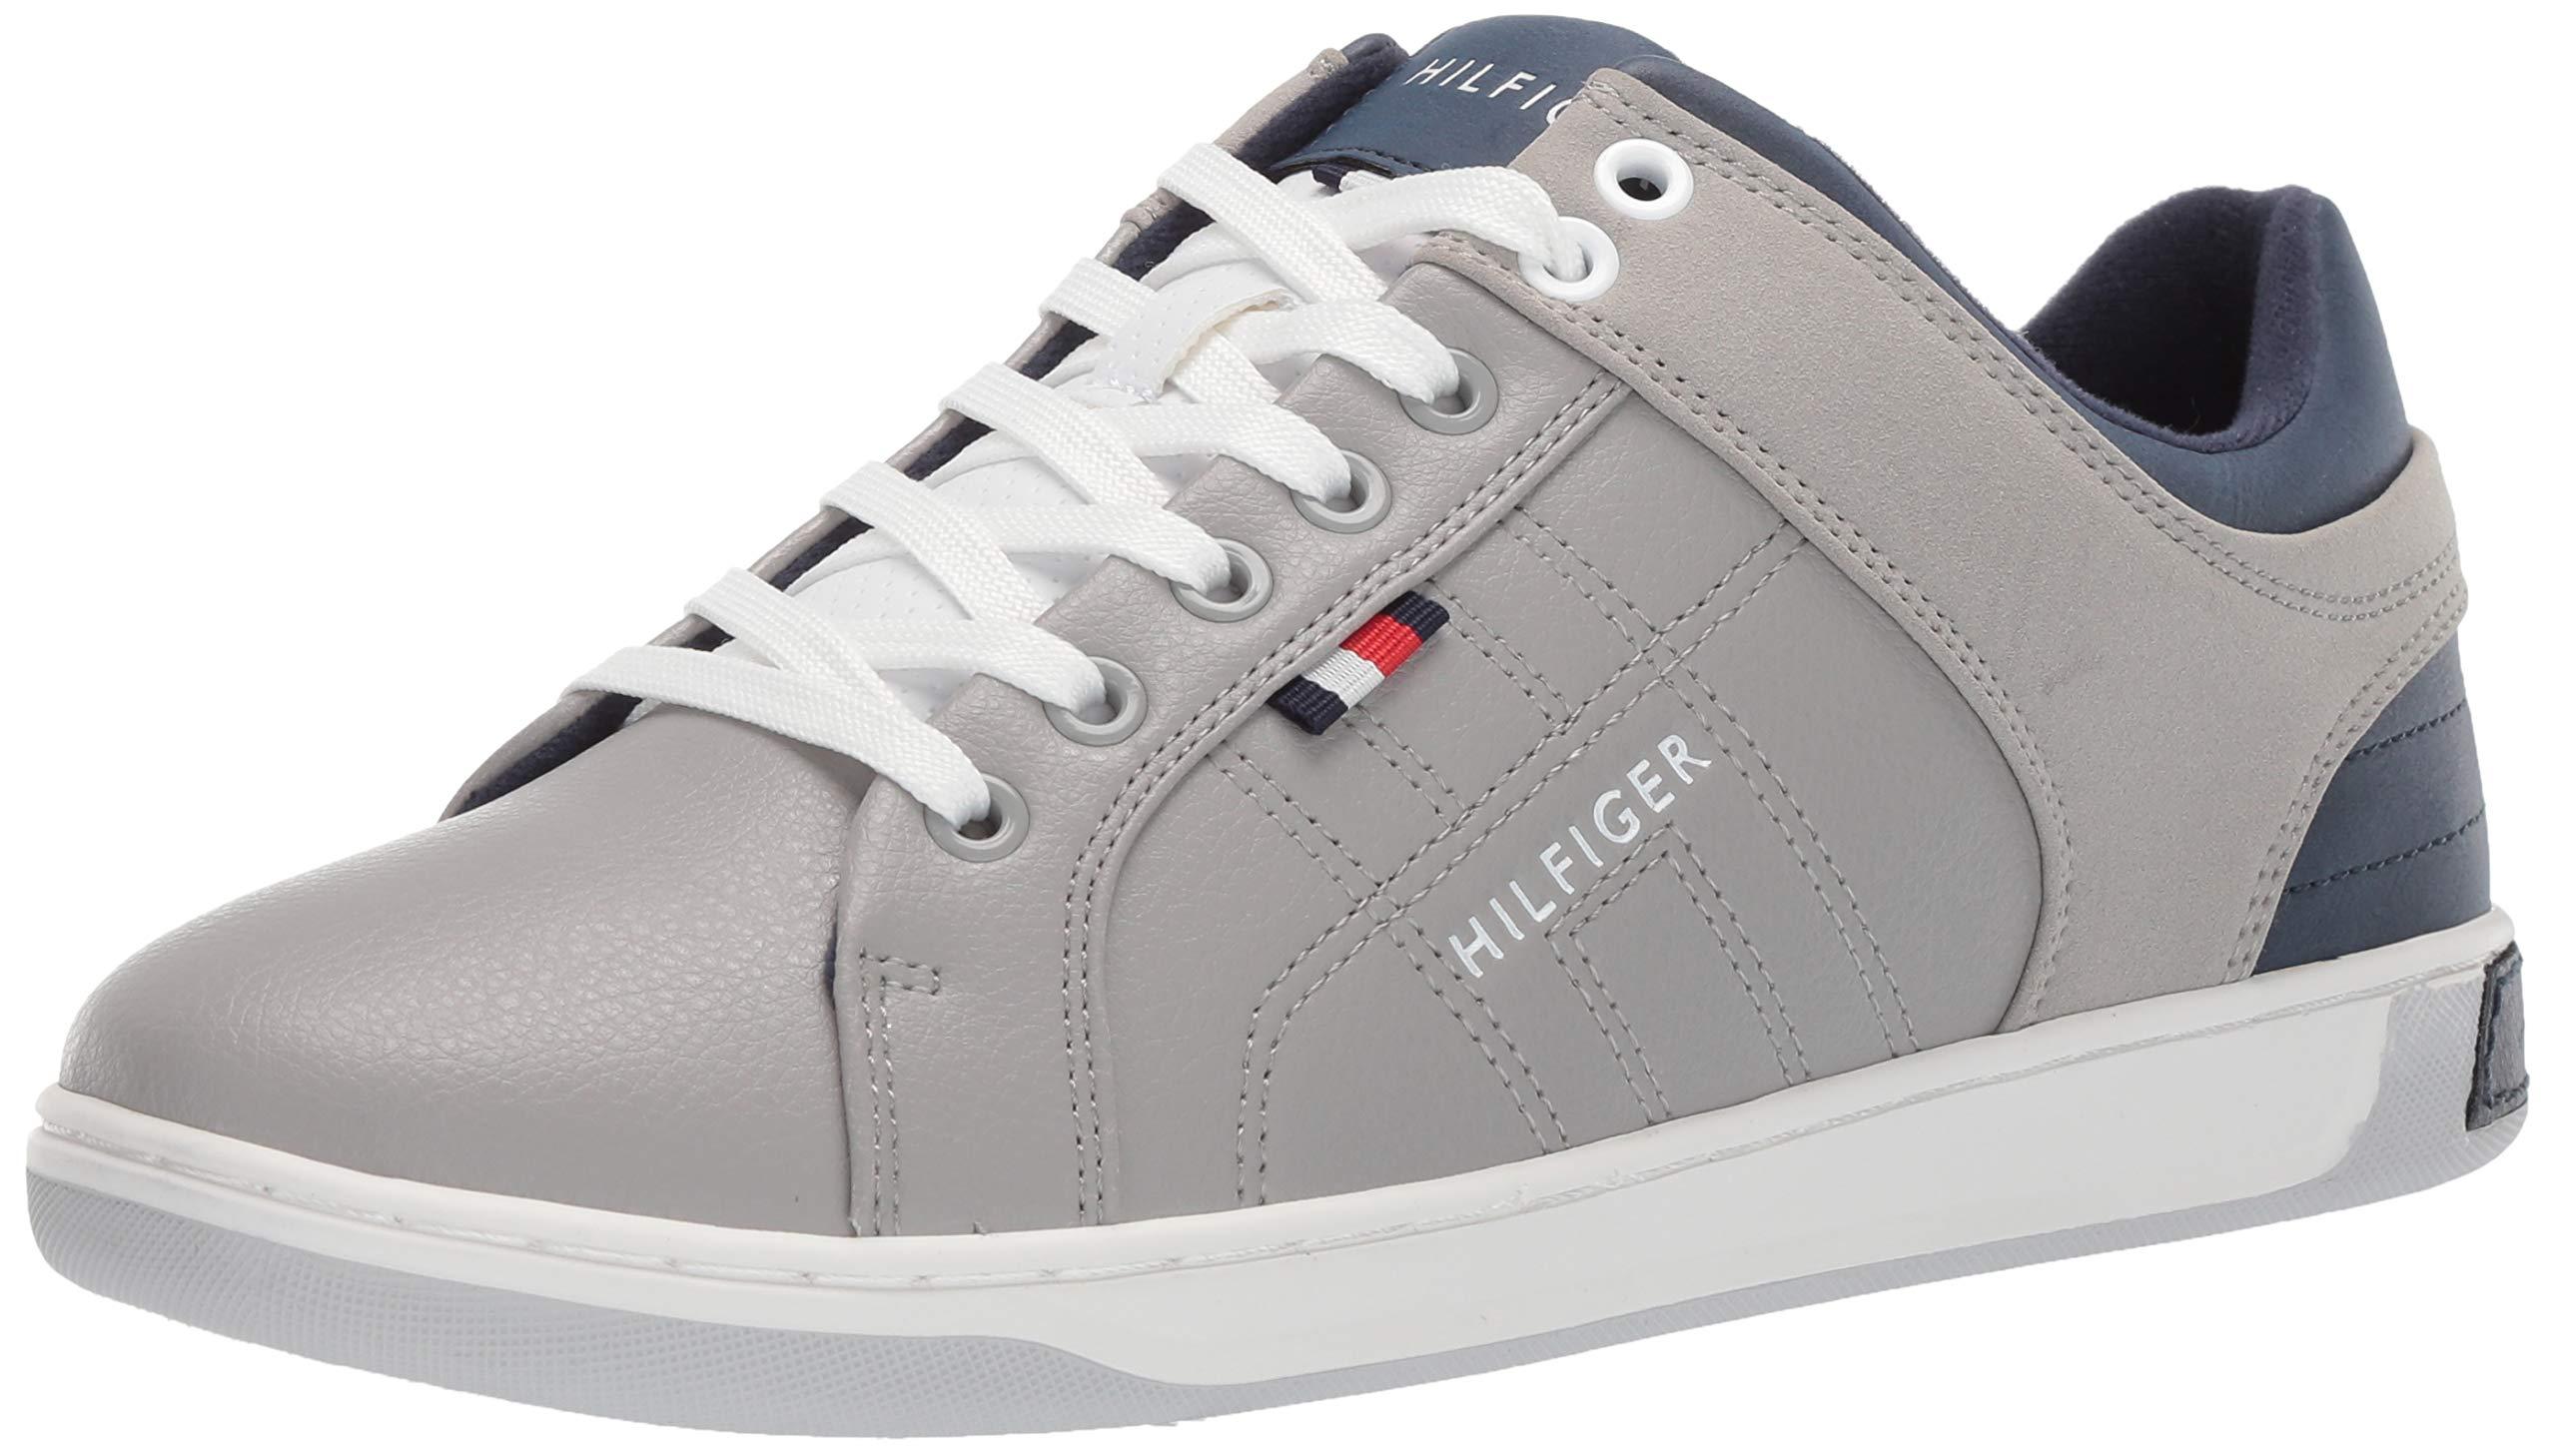 Tommy Hilfiger Men's Samir Sneaker, Grey 7 Medium US